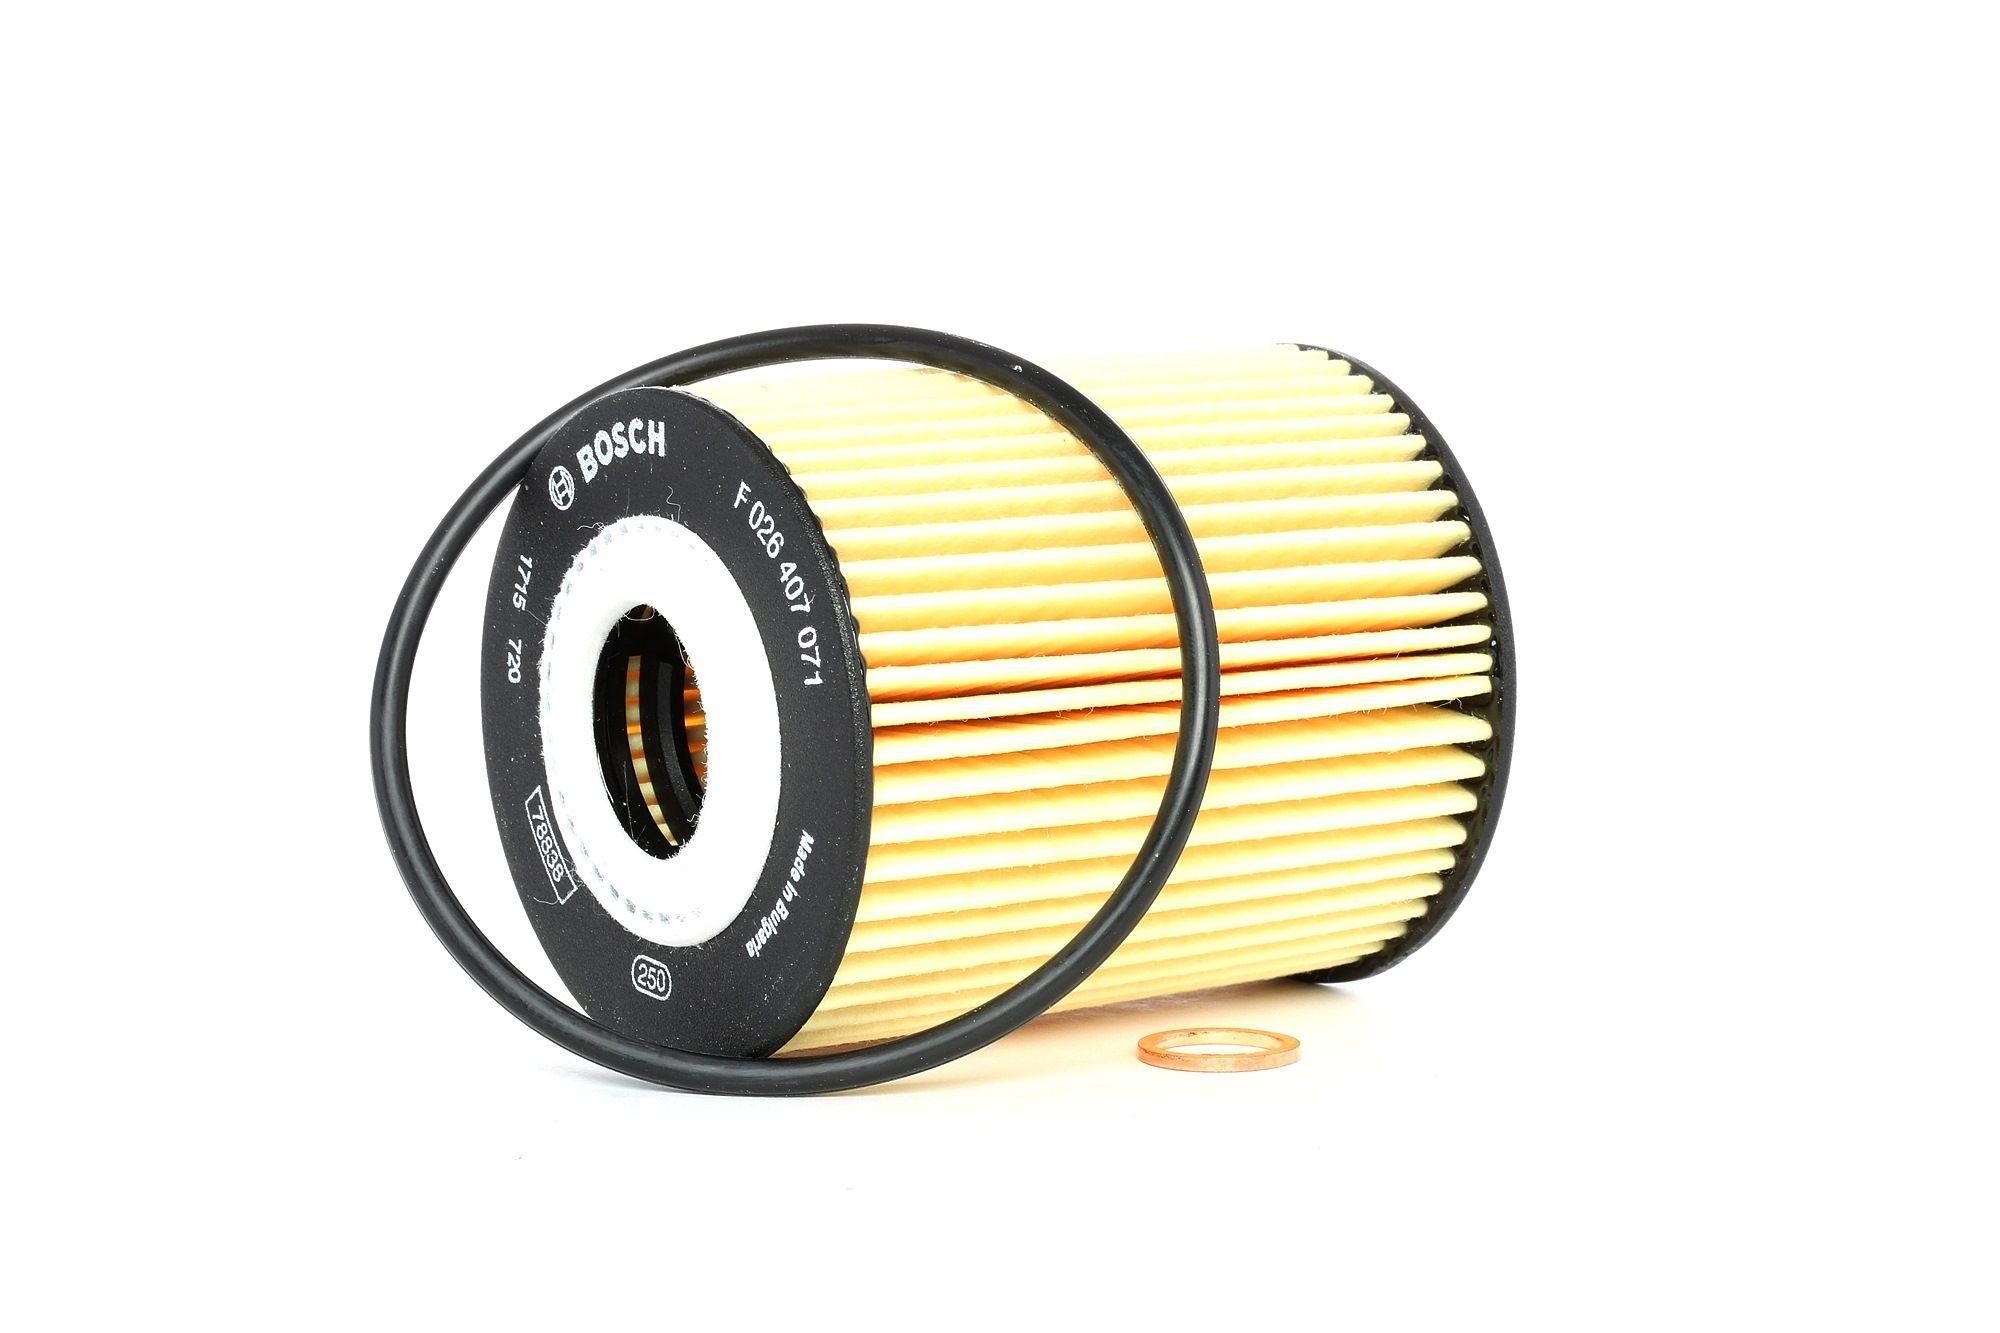 P7071 BOSCH Filtereinsatz Ø: 66mm, Höhe: 83mm Ölfilter F 026 407 071 günstig kaufen